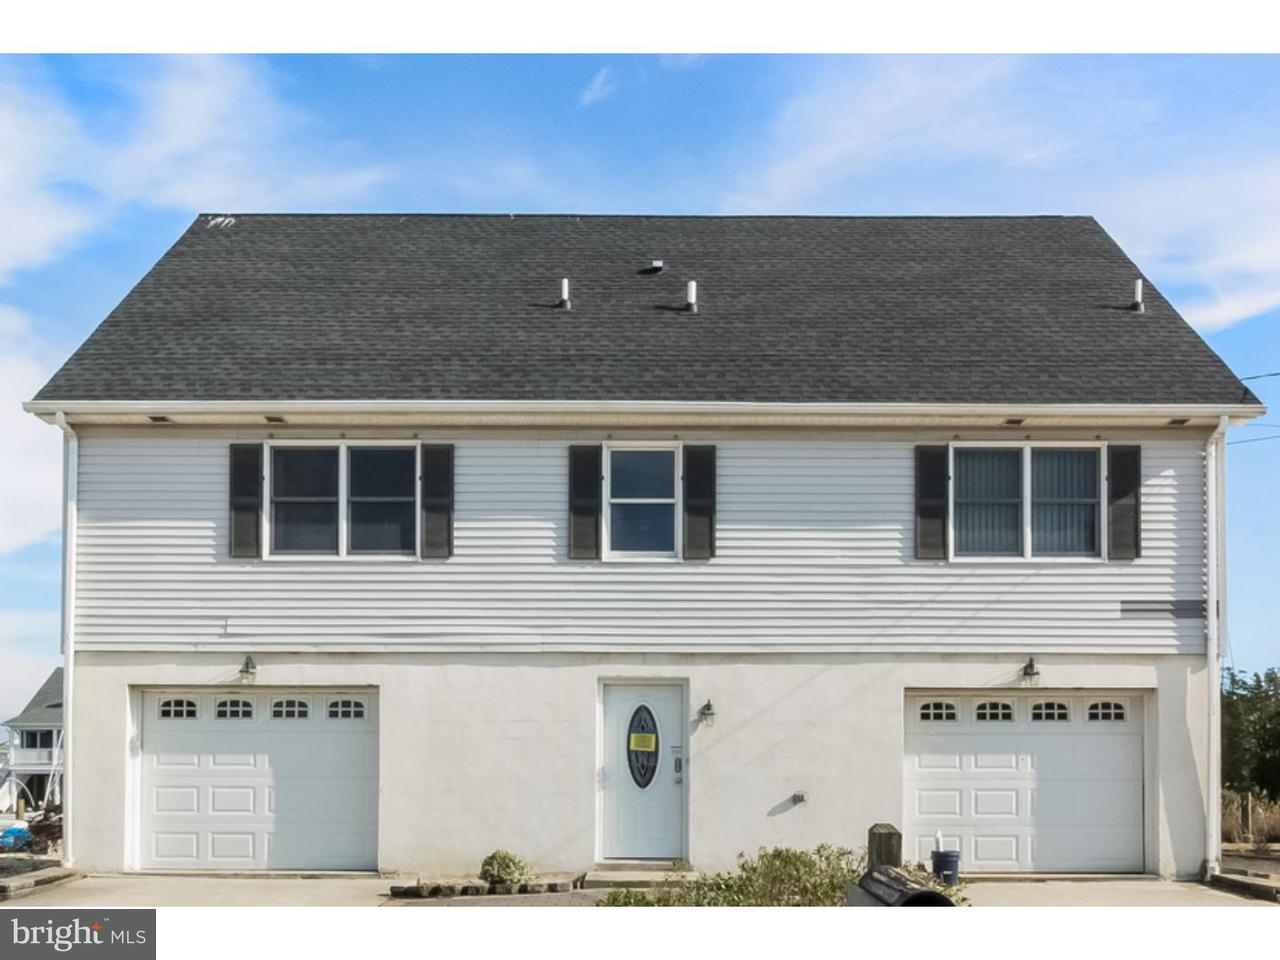 Частный односемейный дом для того Продажа на 1209 KOA Drive Forked River, Нью-Джерси 08731 Соединенные Штаты